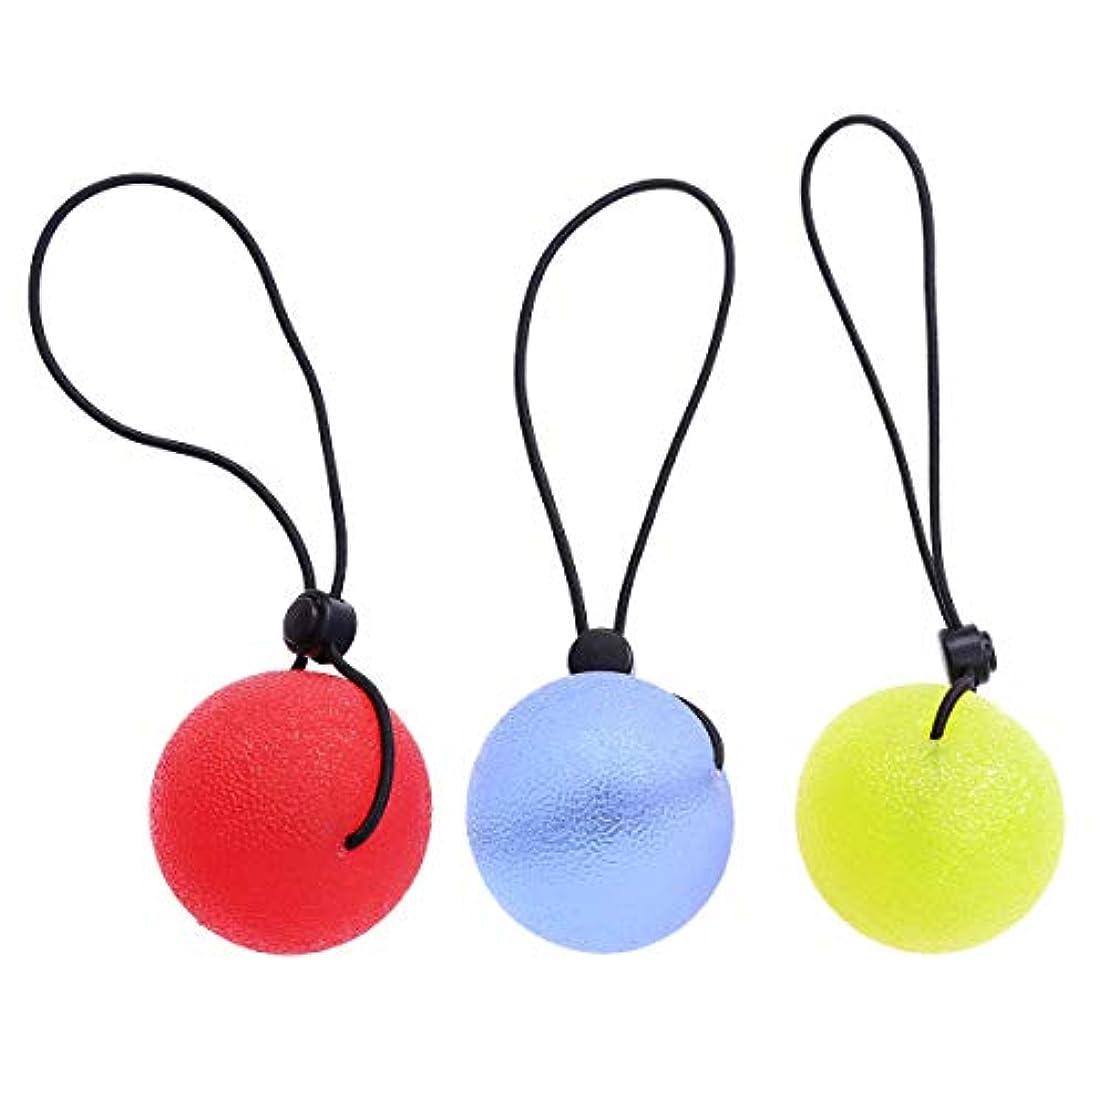 バター決定するやむを得ないSUPVOX 3個シリコーングリップボールハンドエクササイズボールハンドセラピー強化剤トレーナー